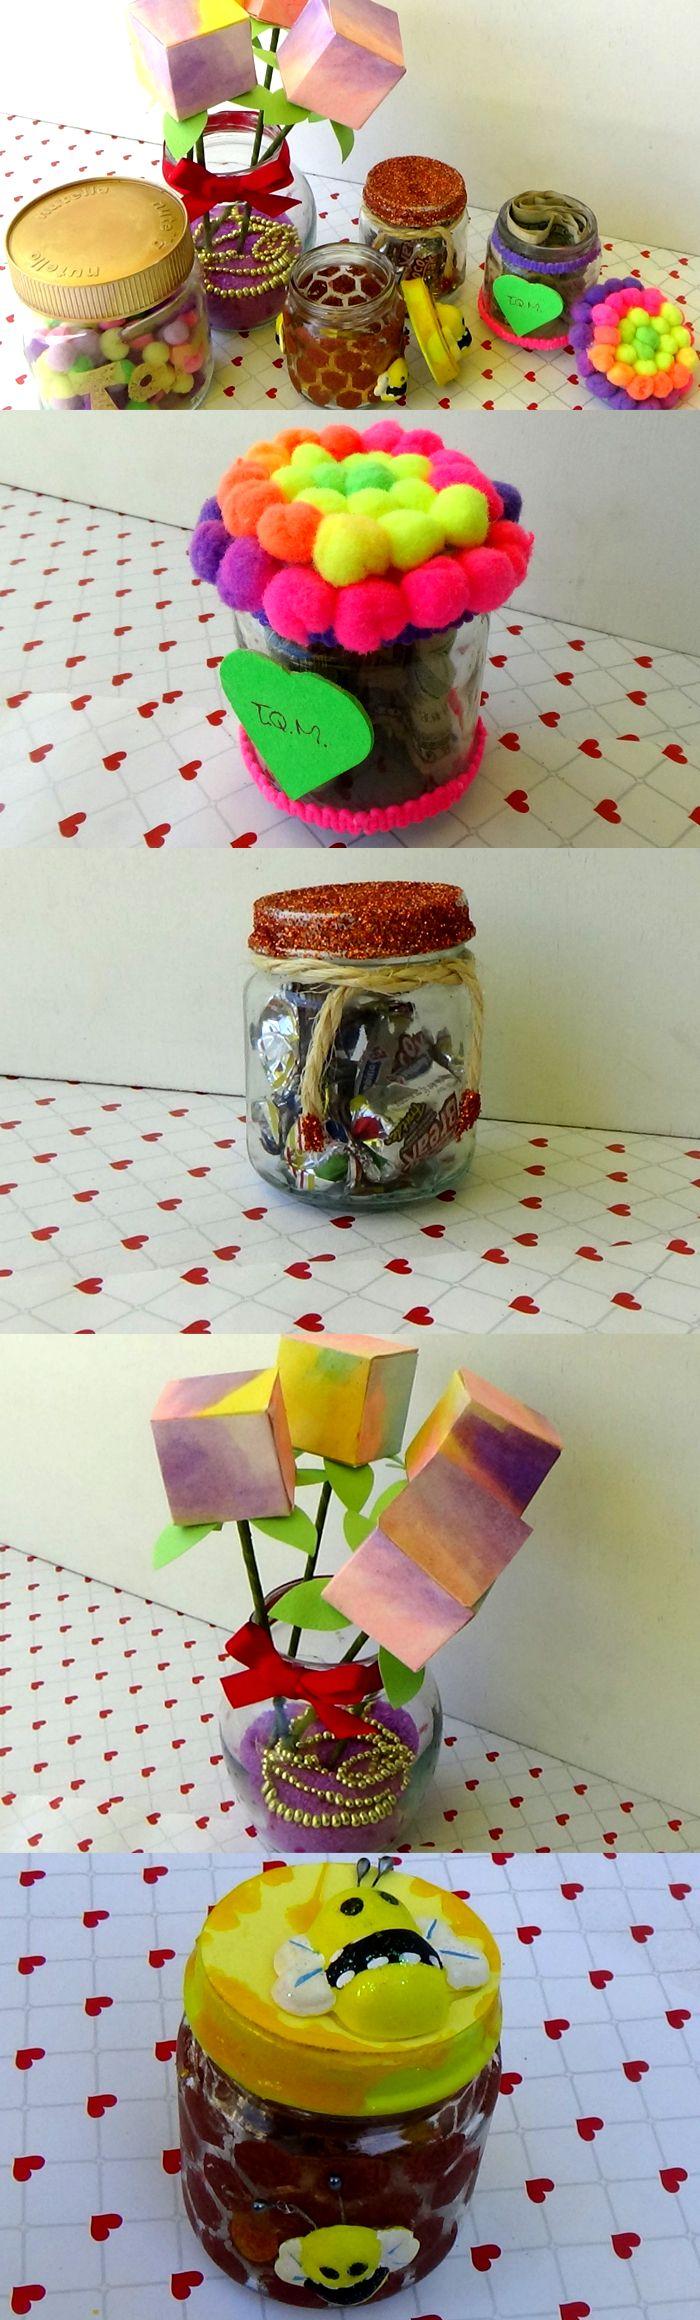 Te enseño a decorar 5 frascos de vidrio reciclado muy lindos para dar regalos muy personalizados como chocolates, dinero, flores, cadenas y mucho más. Para complementar lo que aprendas en este video te recomiendo ver el video de florero con cajitas de regalo.